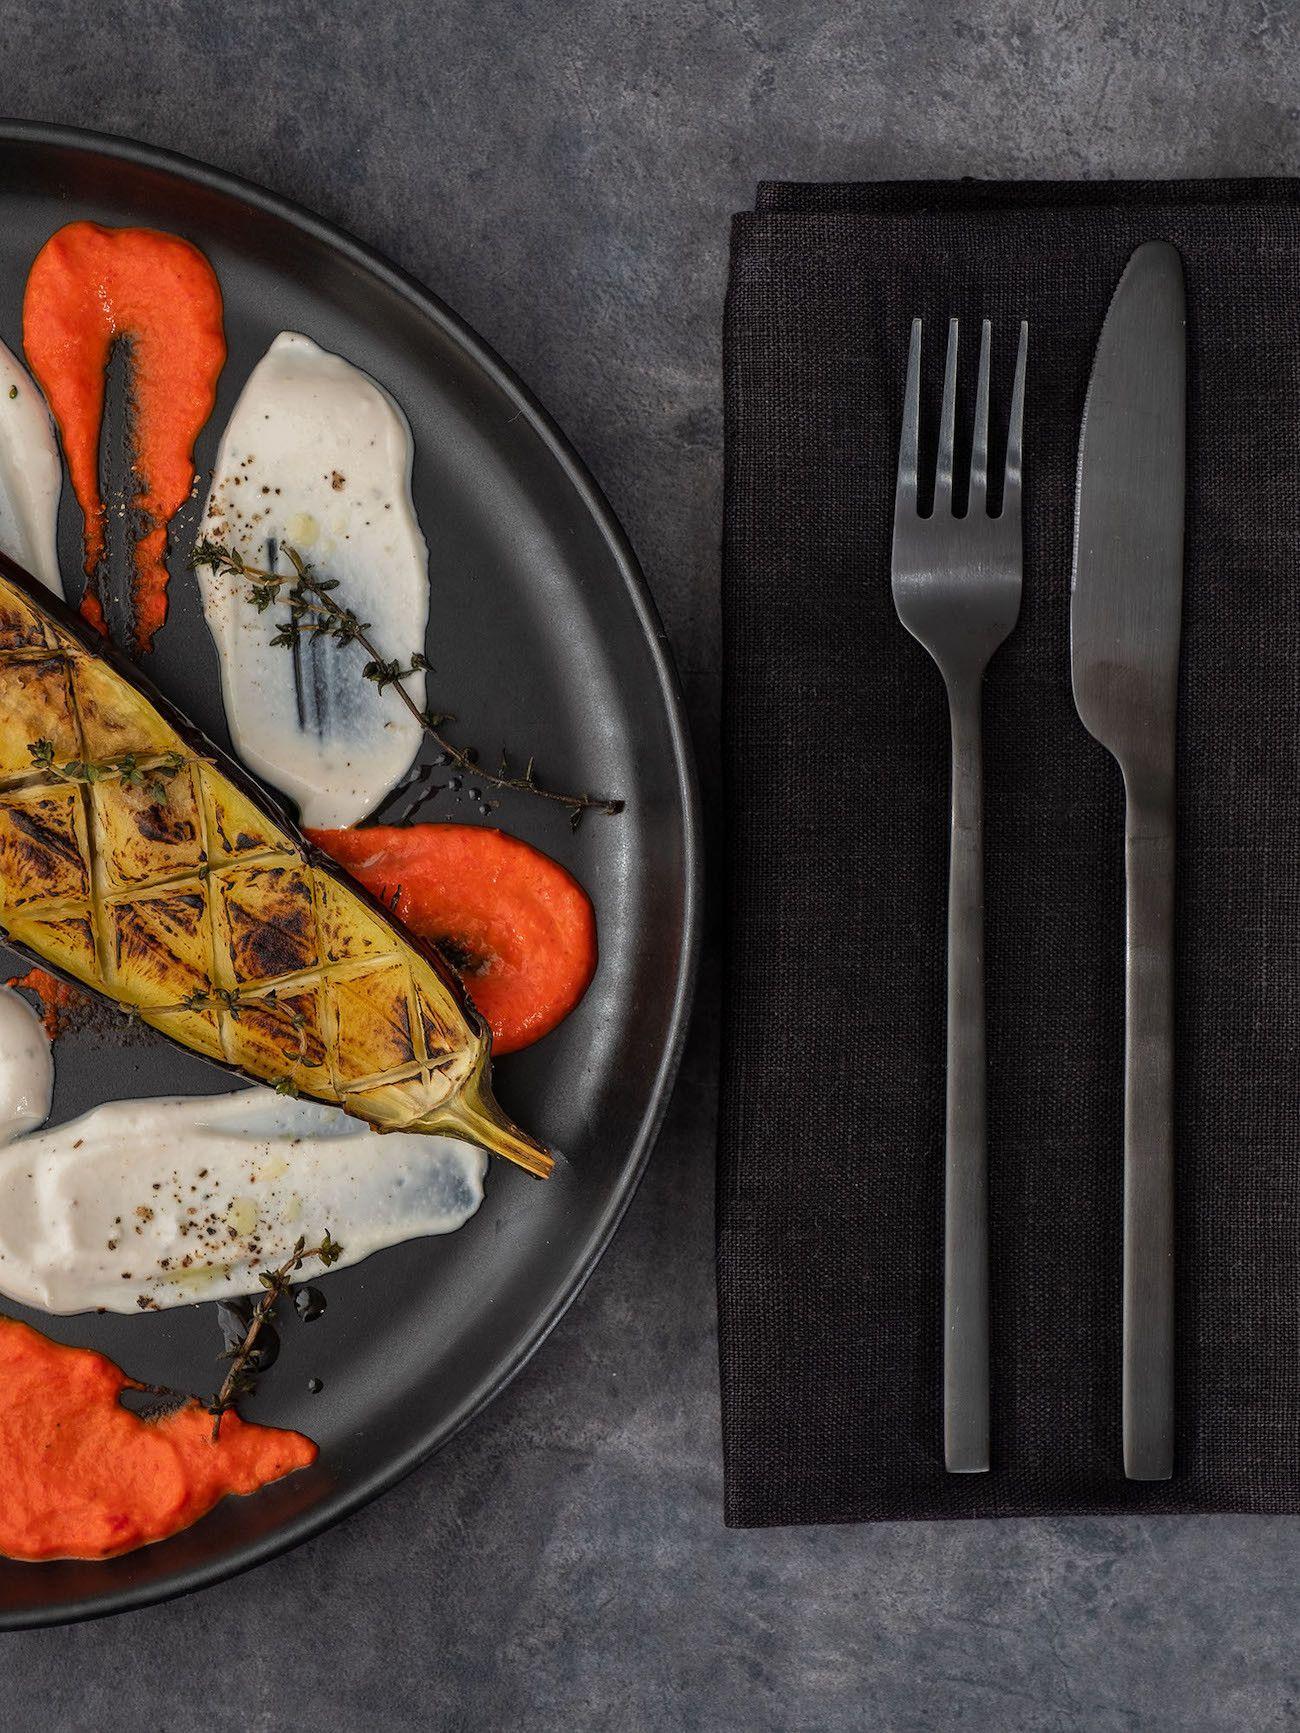 Foodblog About Fuel, Rezept Gegrillte Aubergine mit Joghurt-Tahin Soße und Paprika Dip, Besteck, Teller